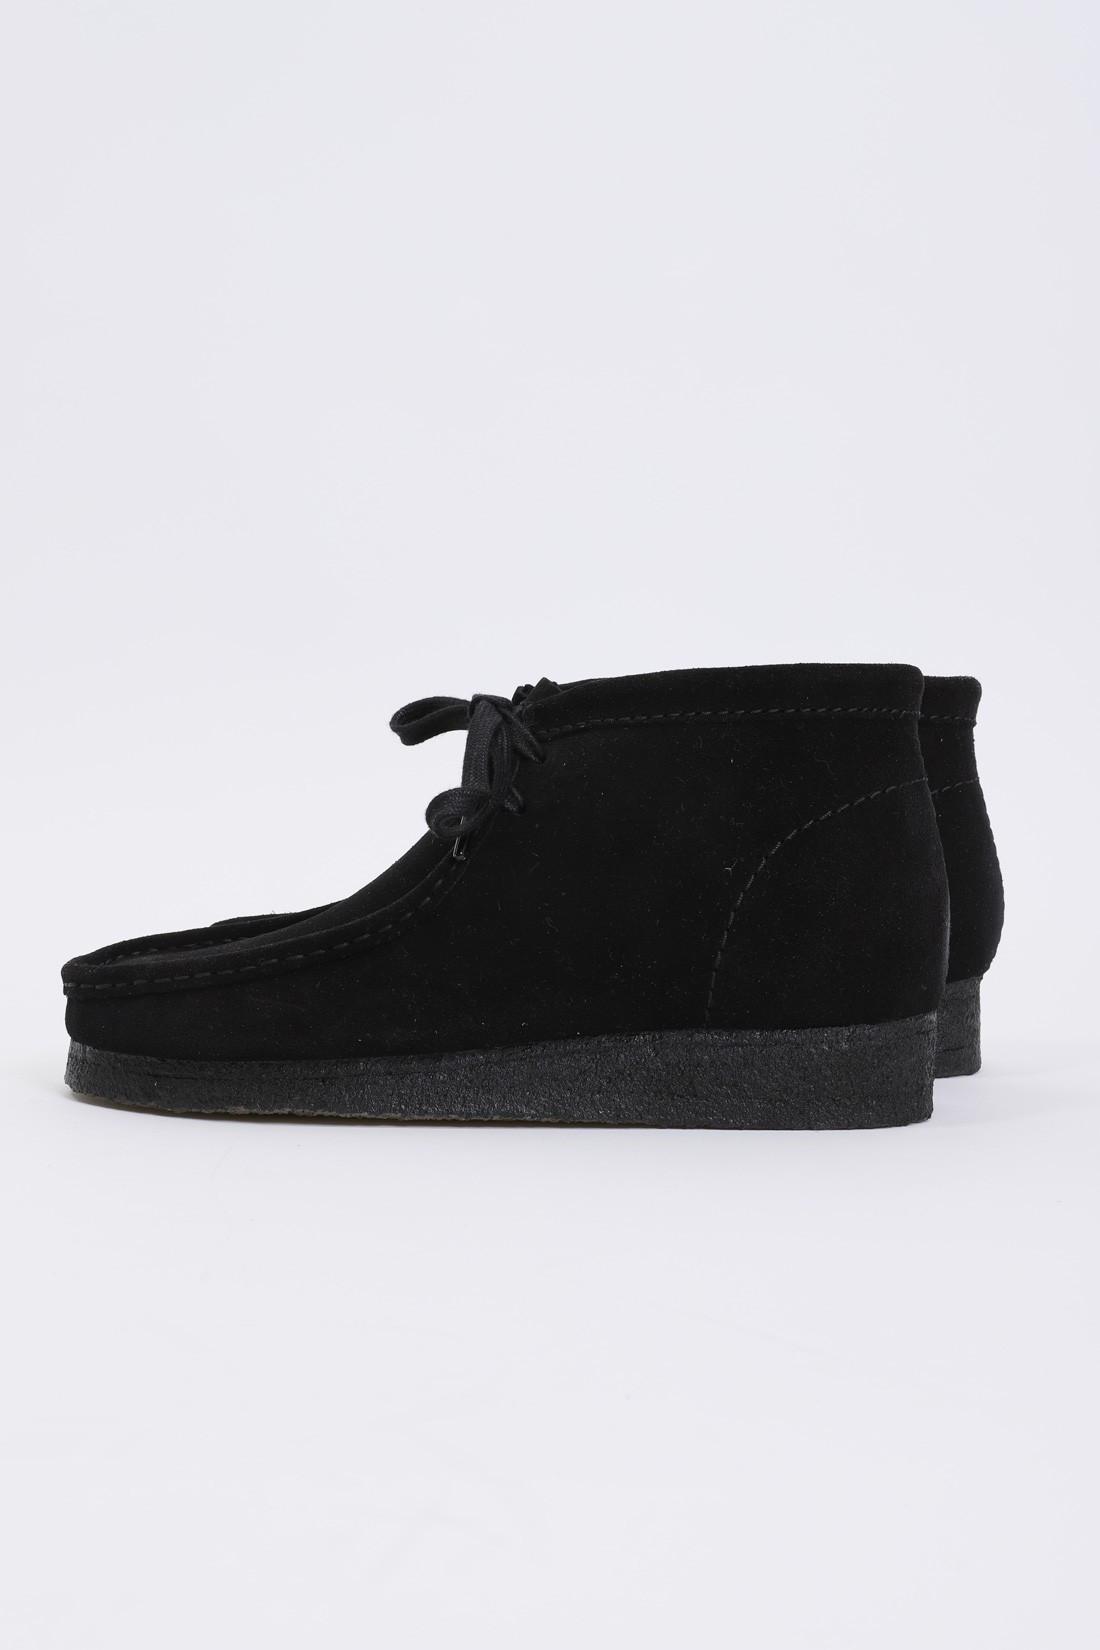 CLARKS ORIGINALS / Wallabee boot Black suede